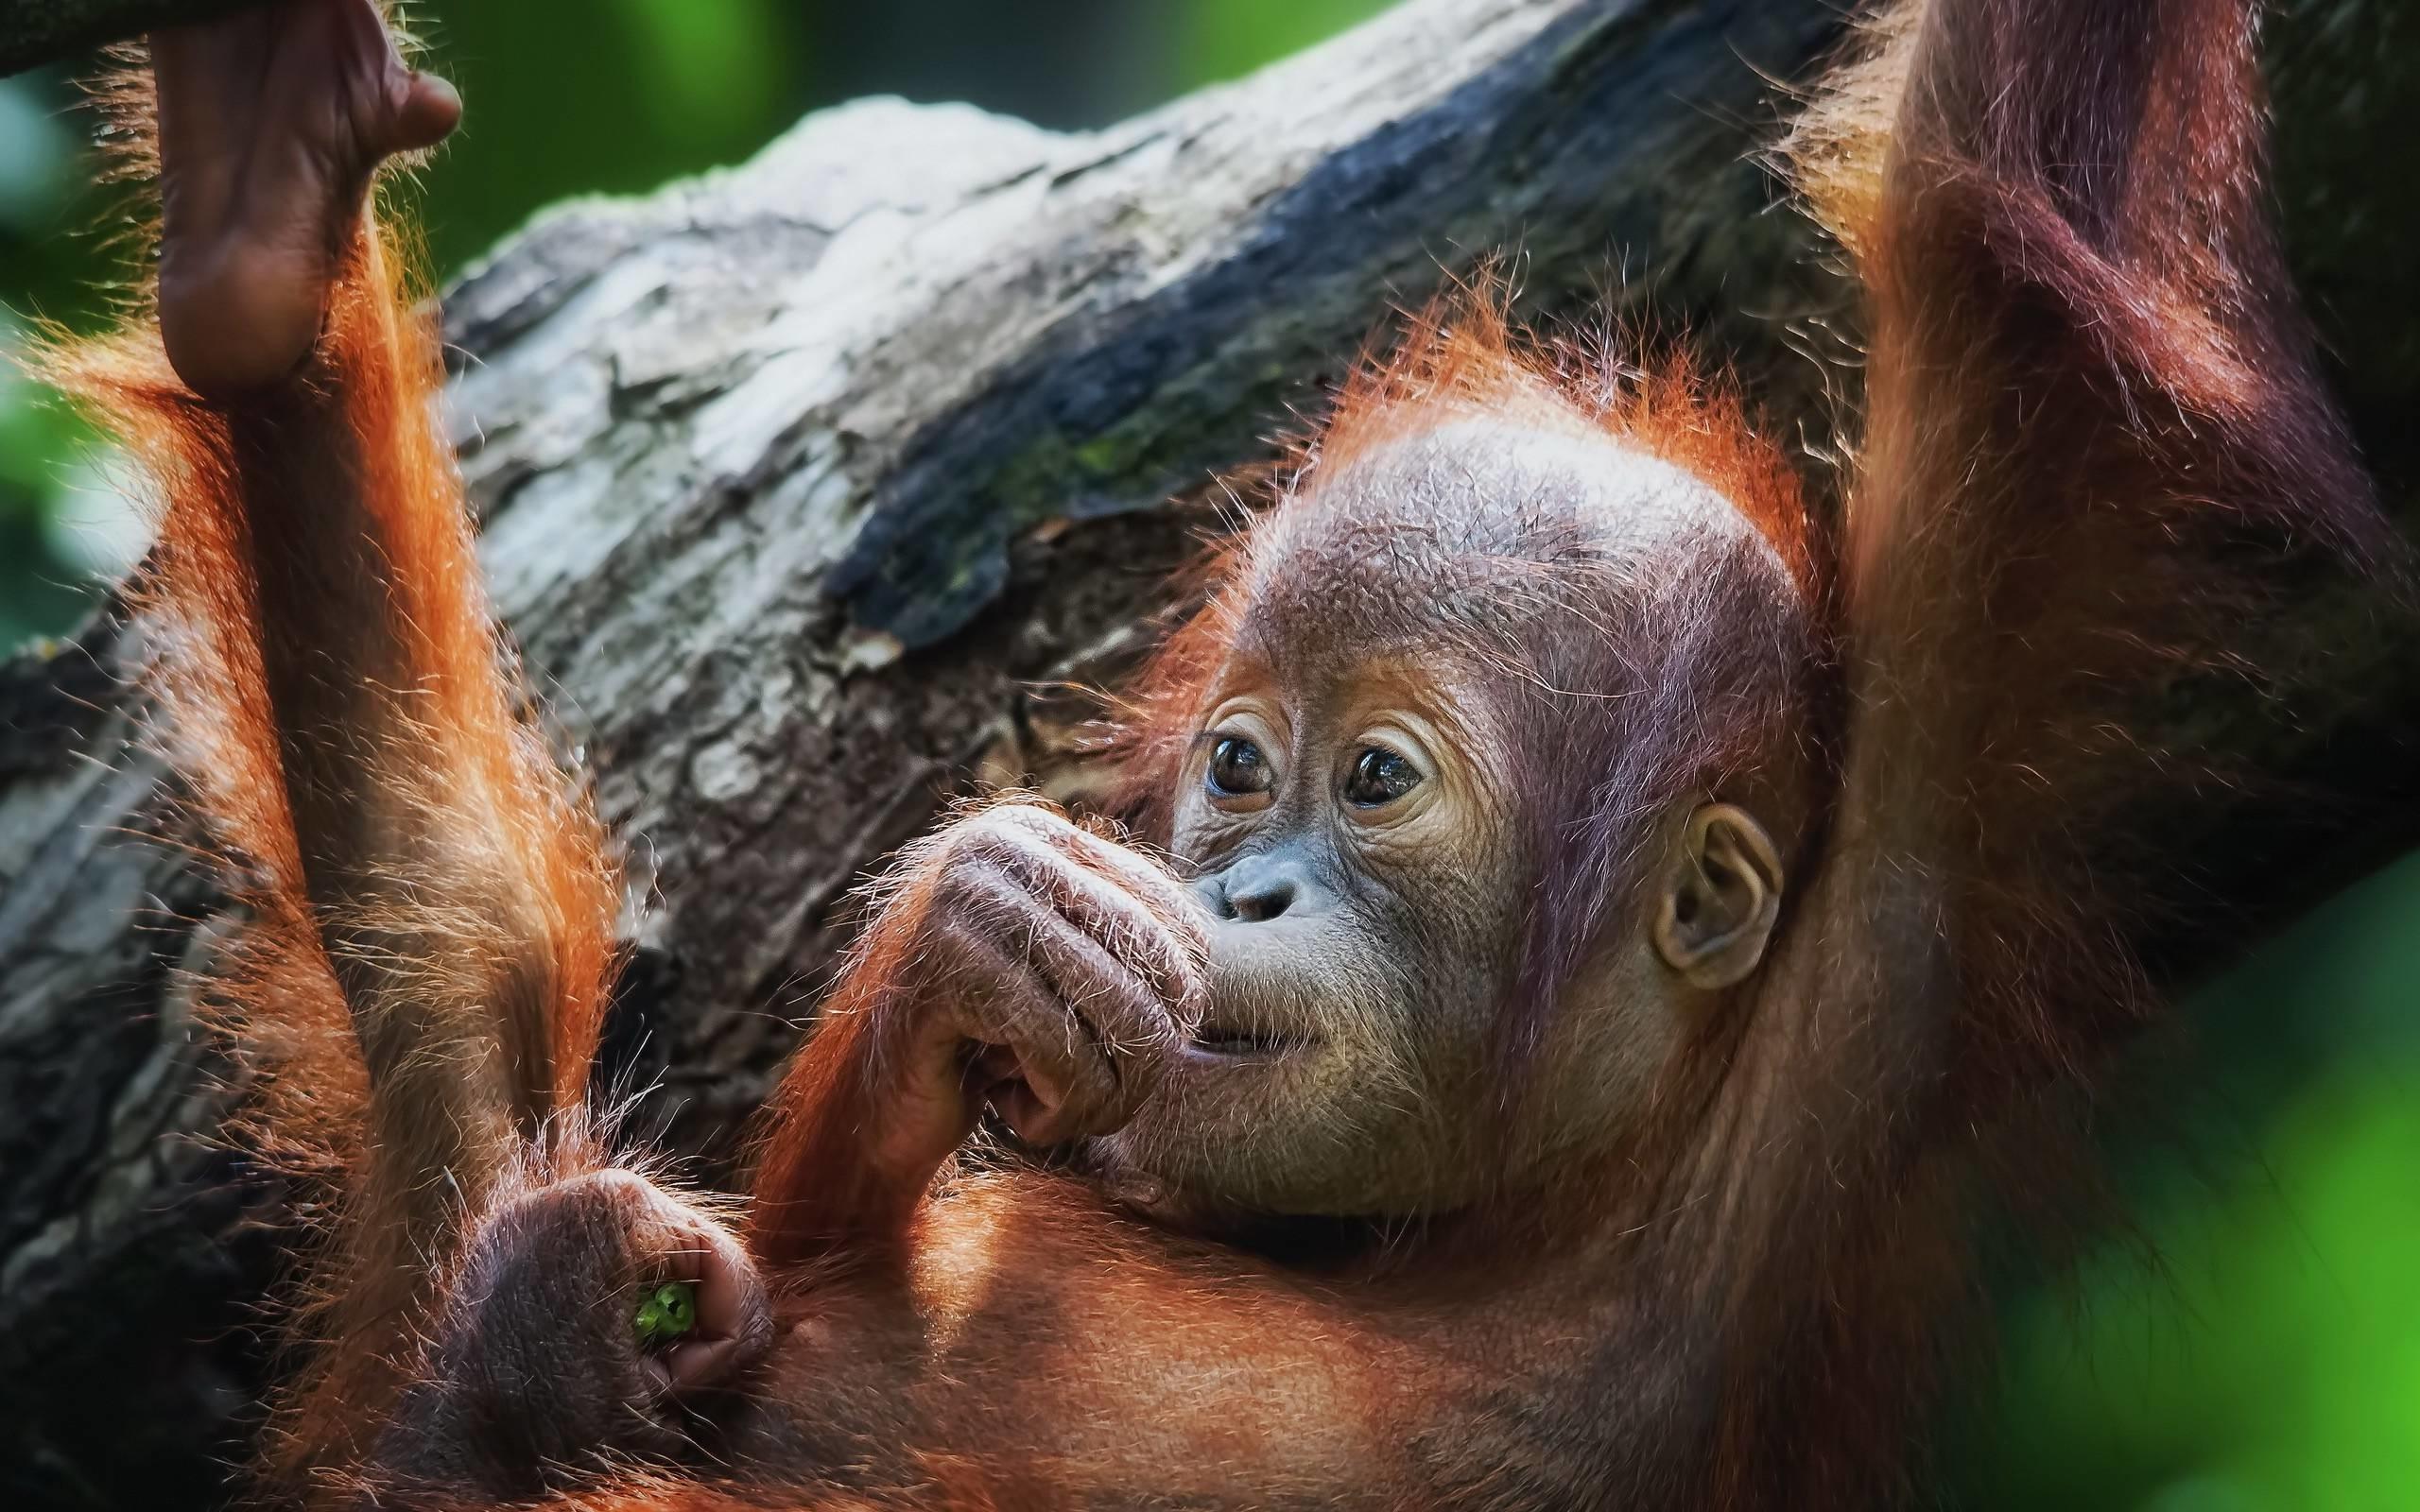 Sweet Baby Monkey HD Wallpaper – HD Wallpapers Free DownloadHD .